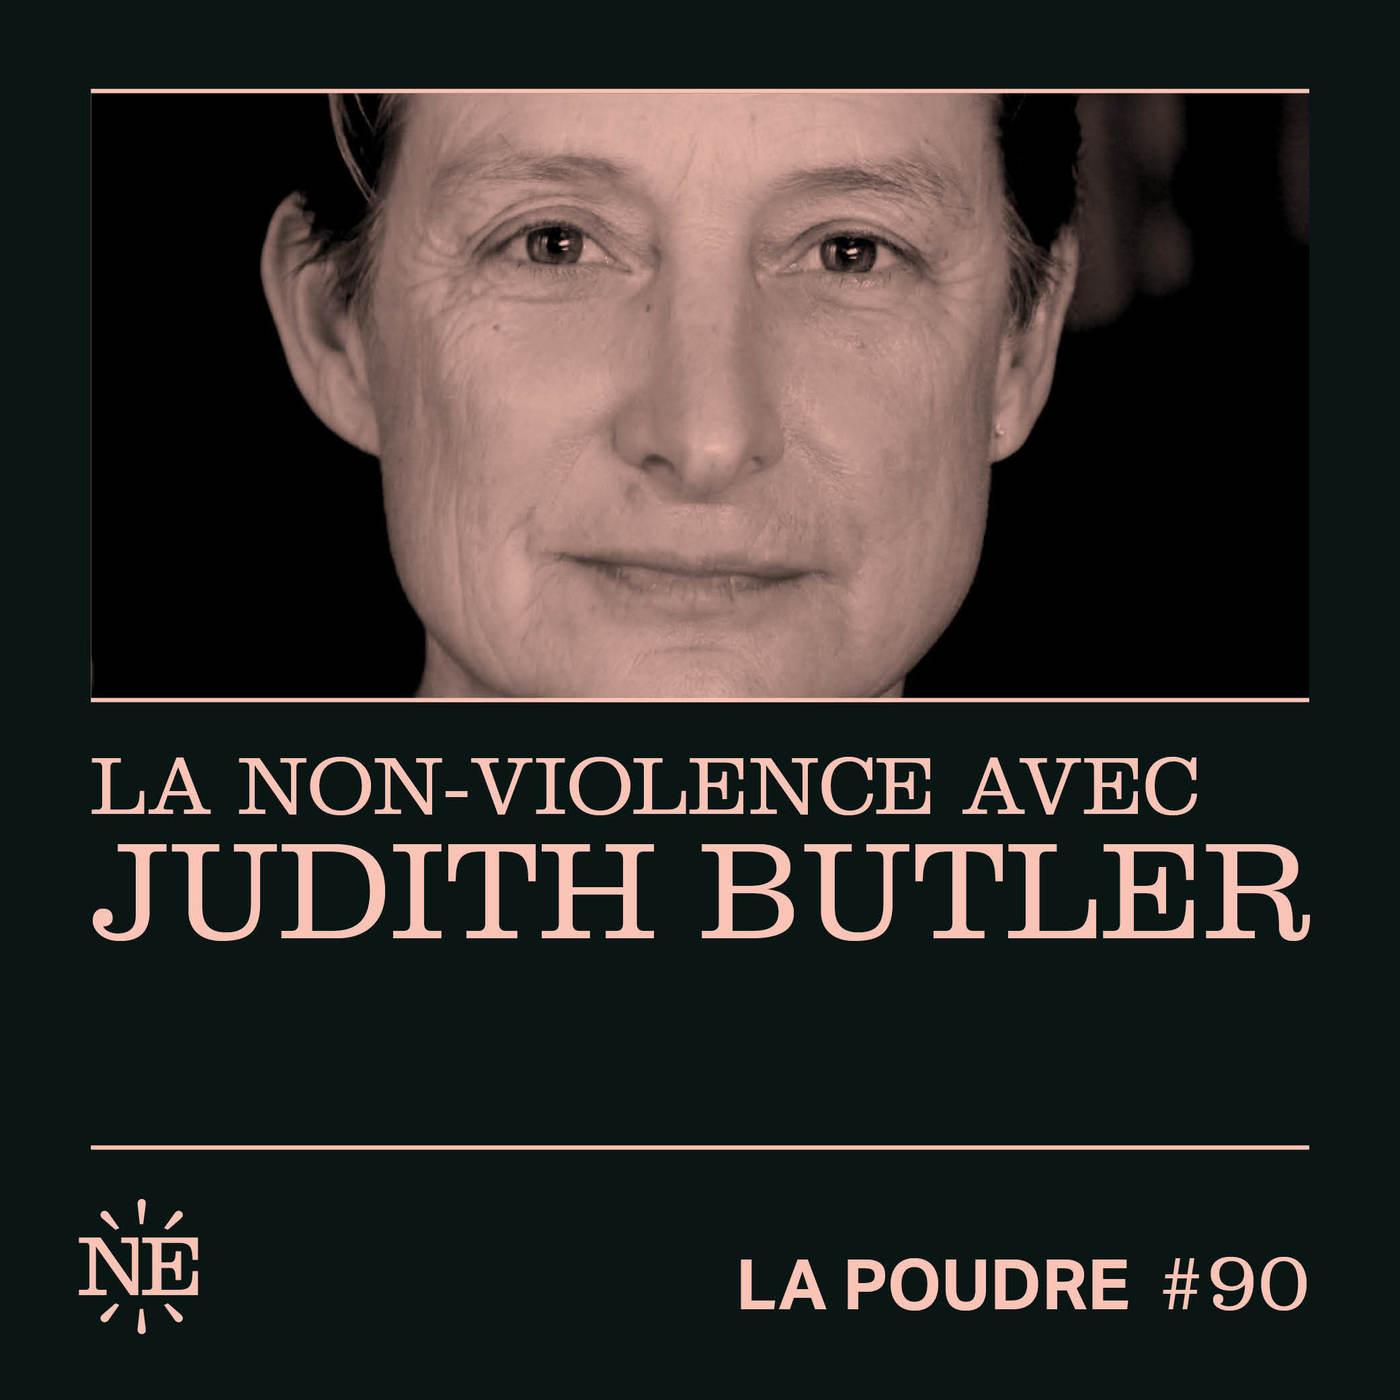 Épisode 90 - La non-violence avec Judith Butler - (doublé en français)